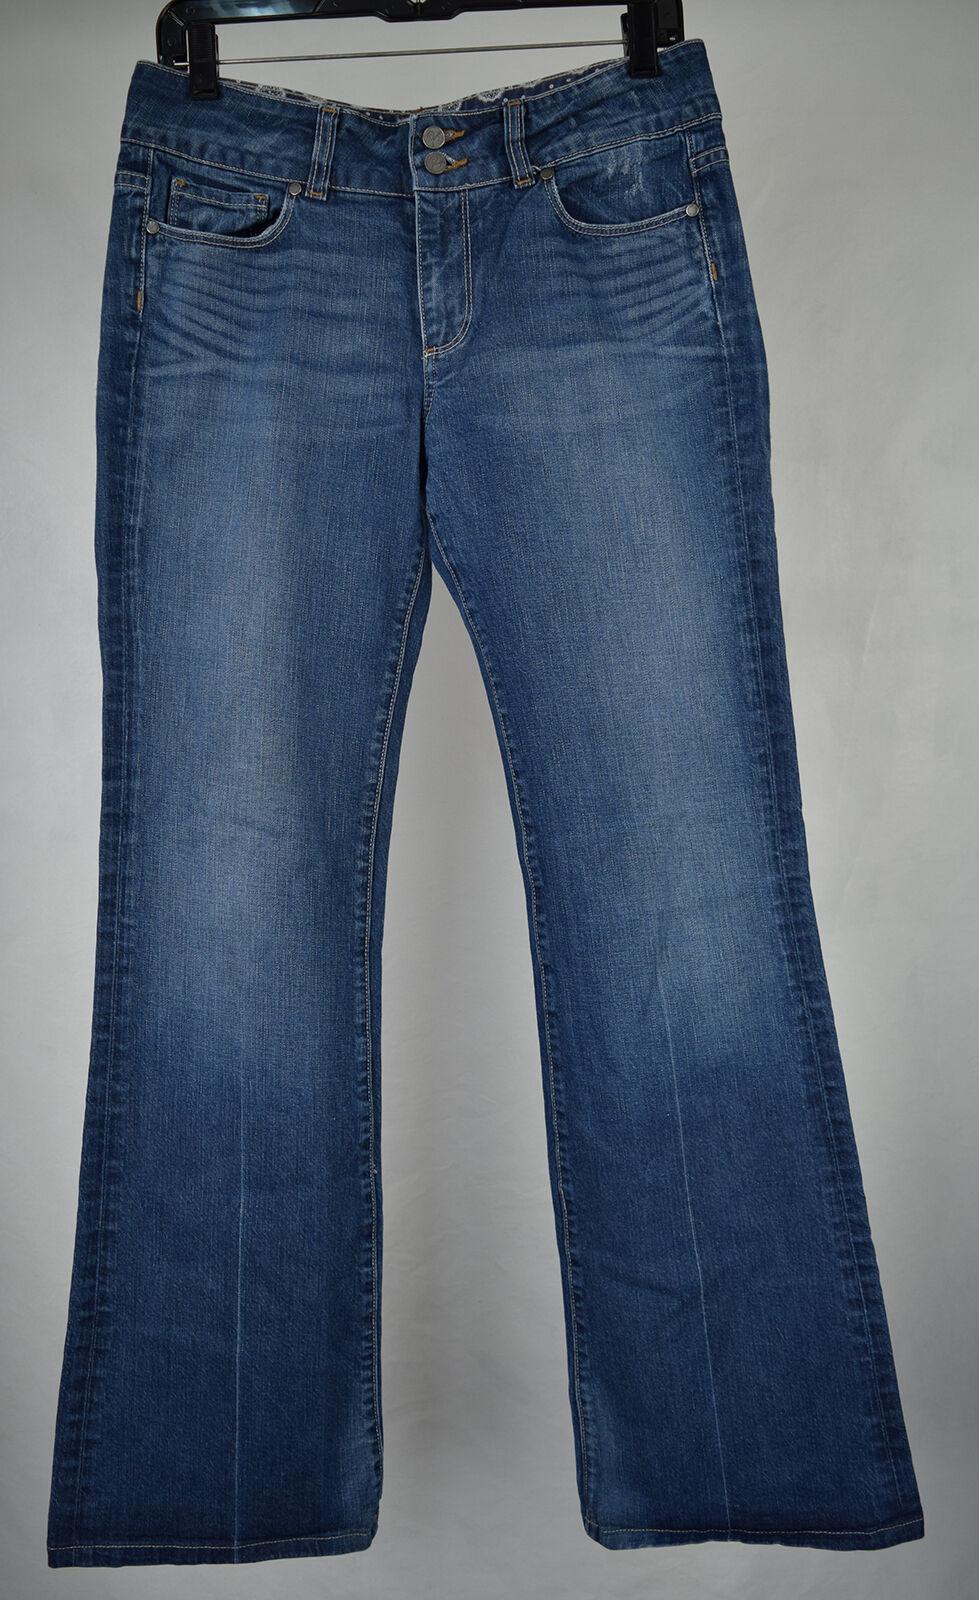 Paige Hidden Hills Eyeshadow Crease bluee Stretch Denim Jeans 30 USA Bootcut